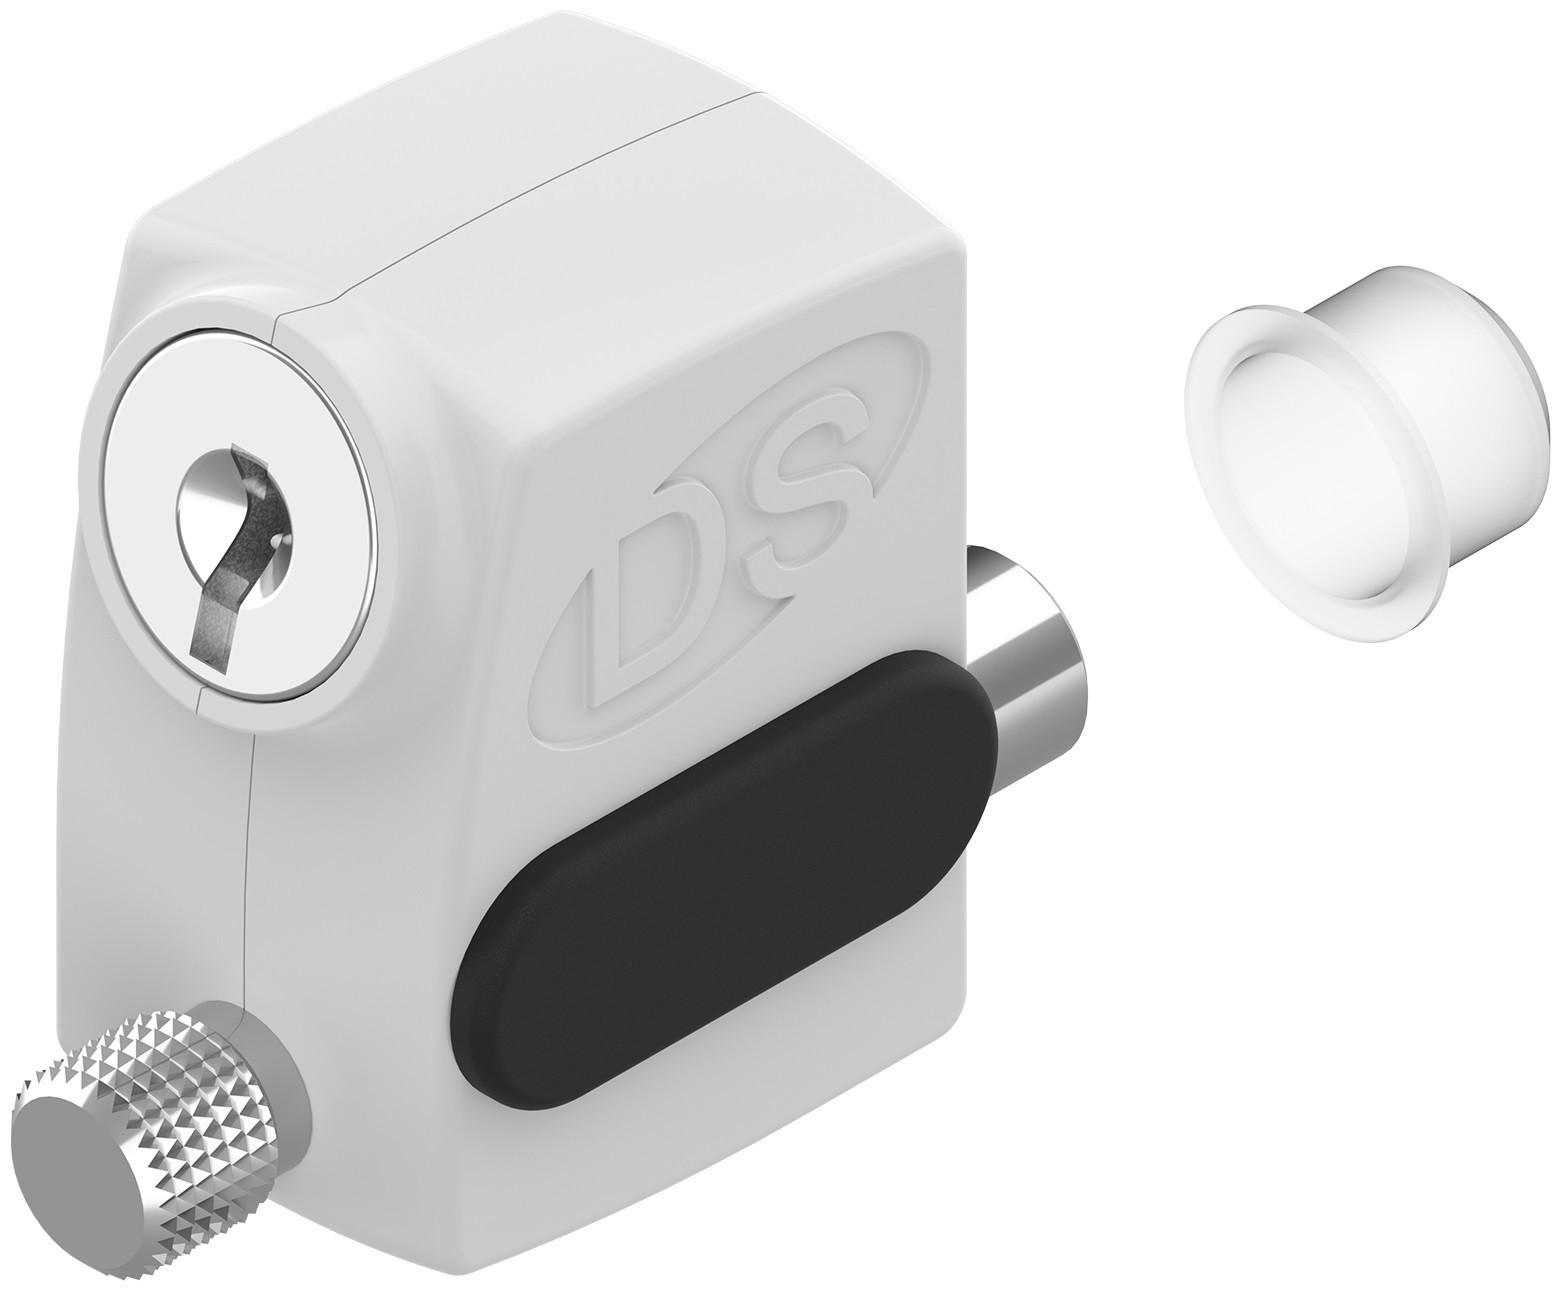 Verrou à clé pour coulissant CROISEE DS - blanc - 2586